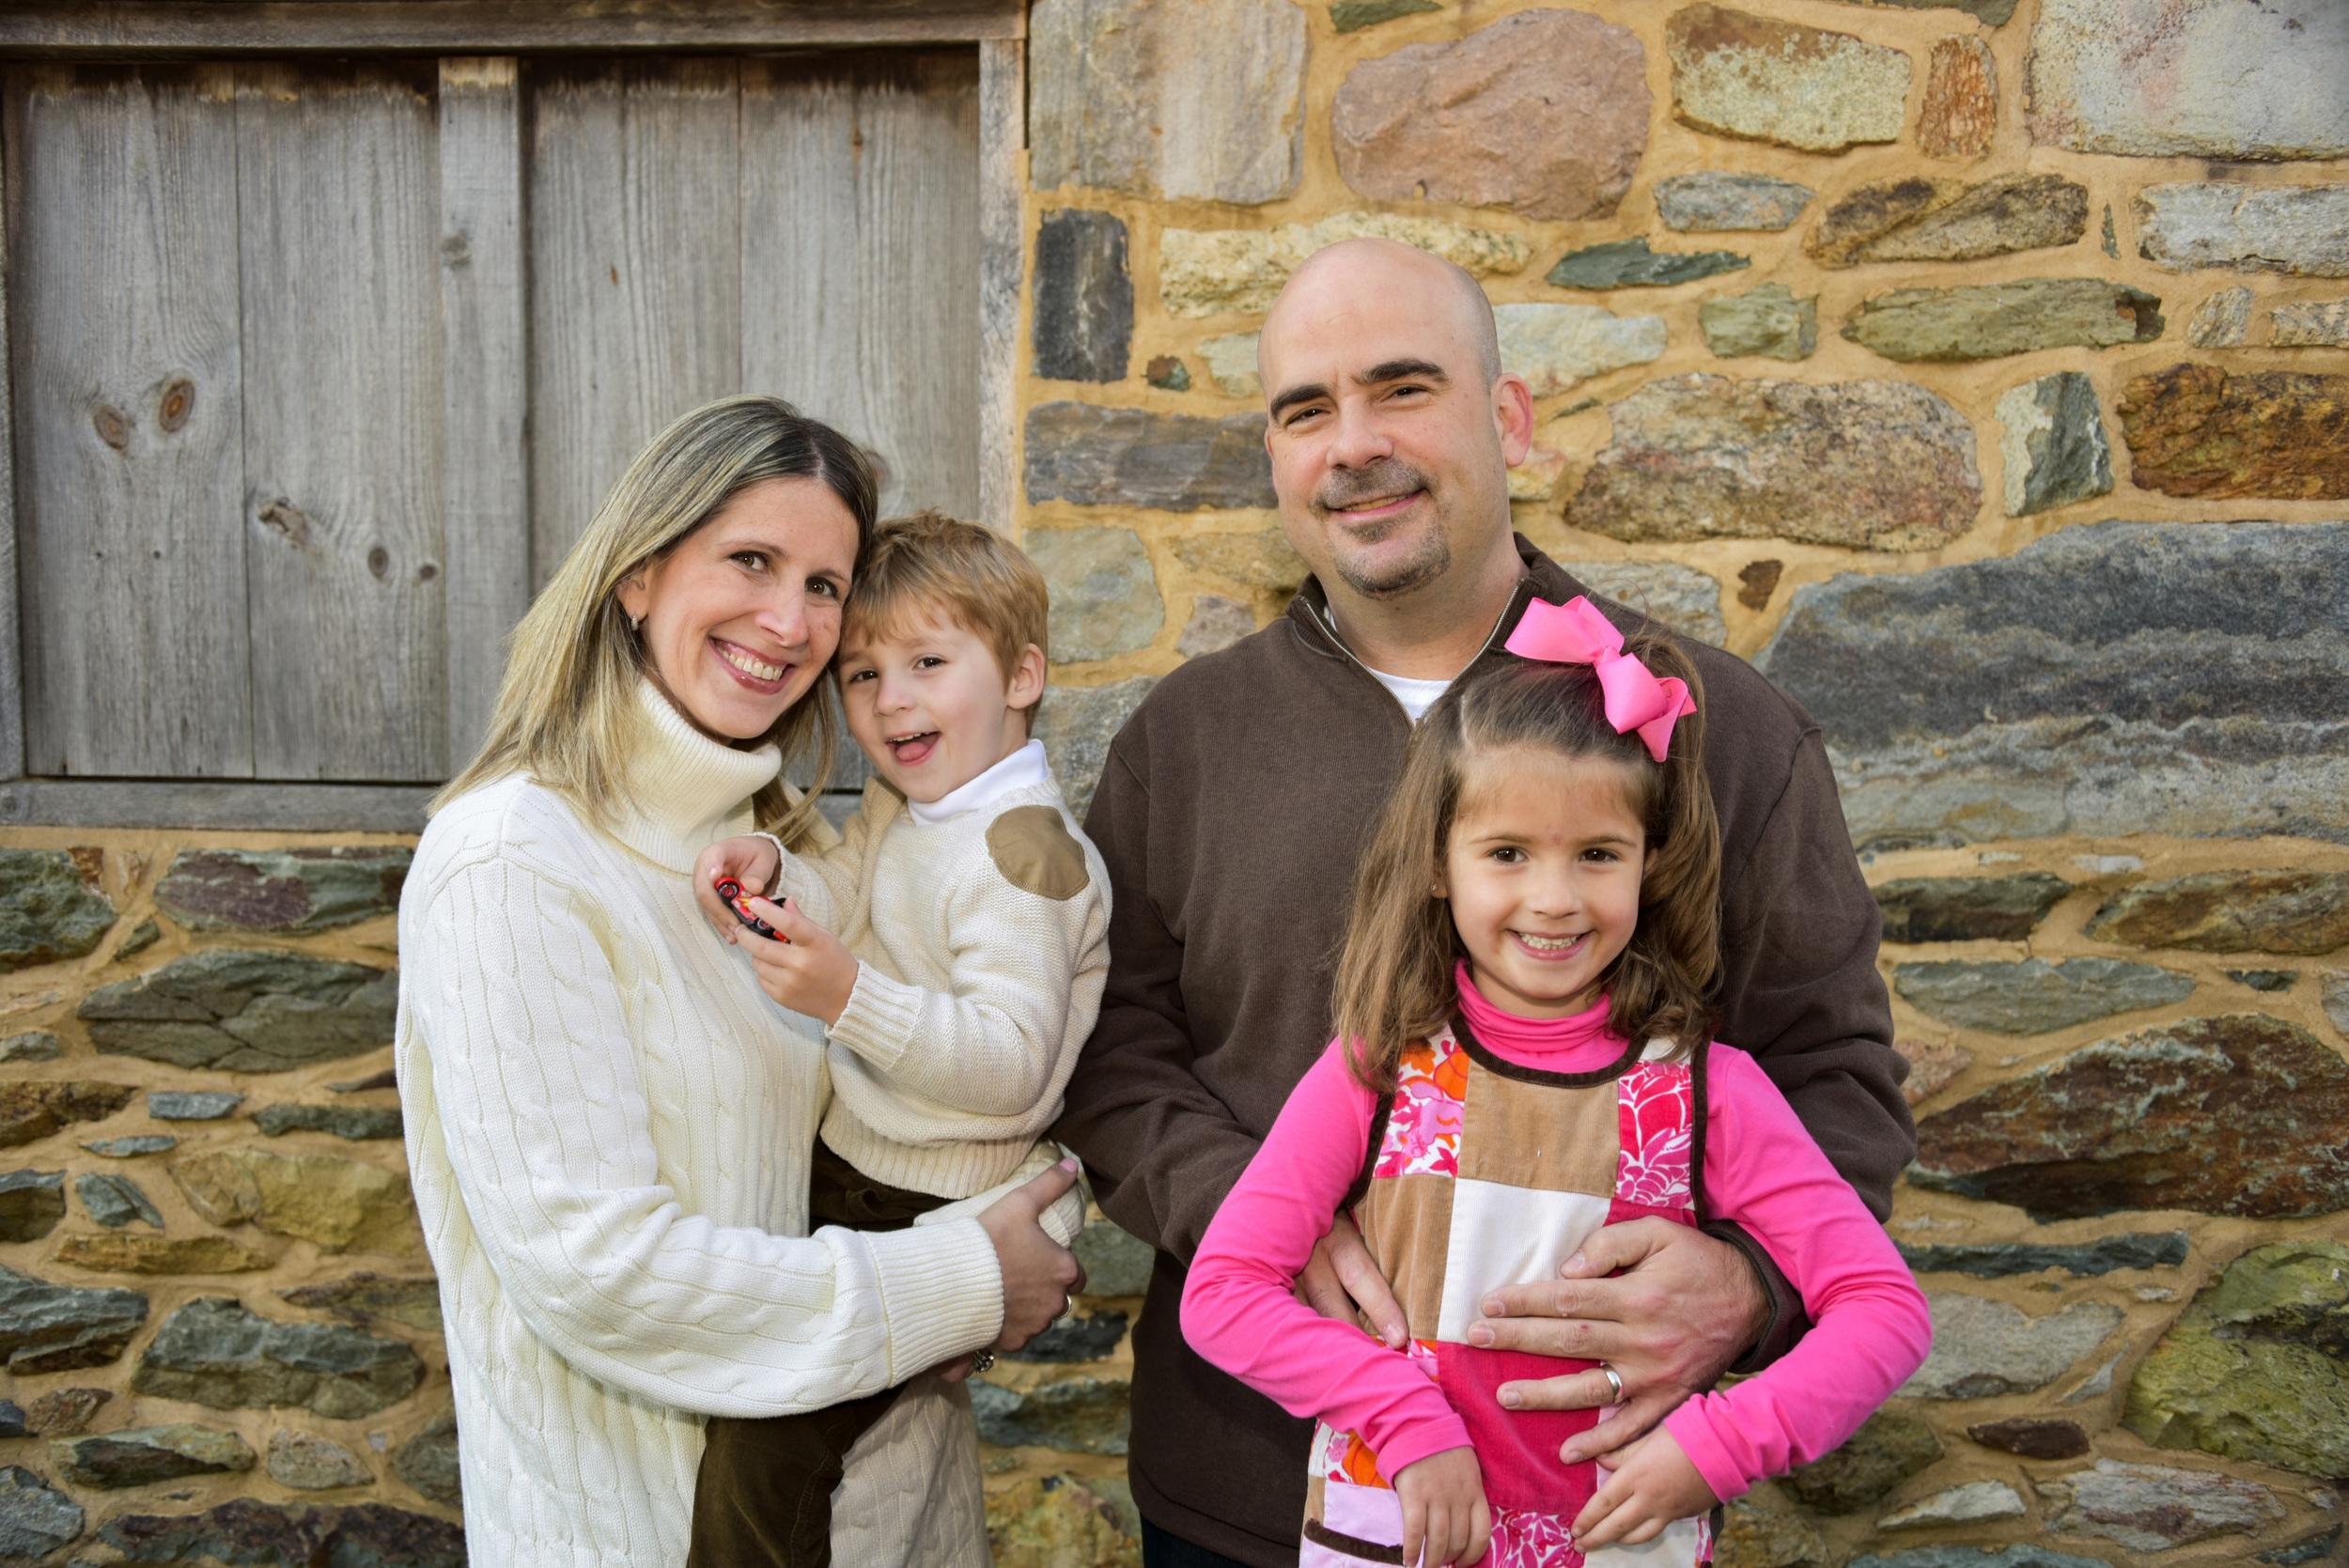 Bolivar_family-2.jpg